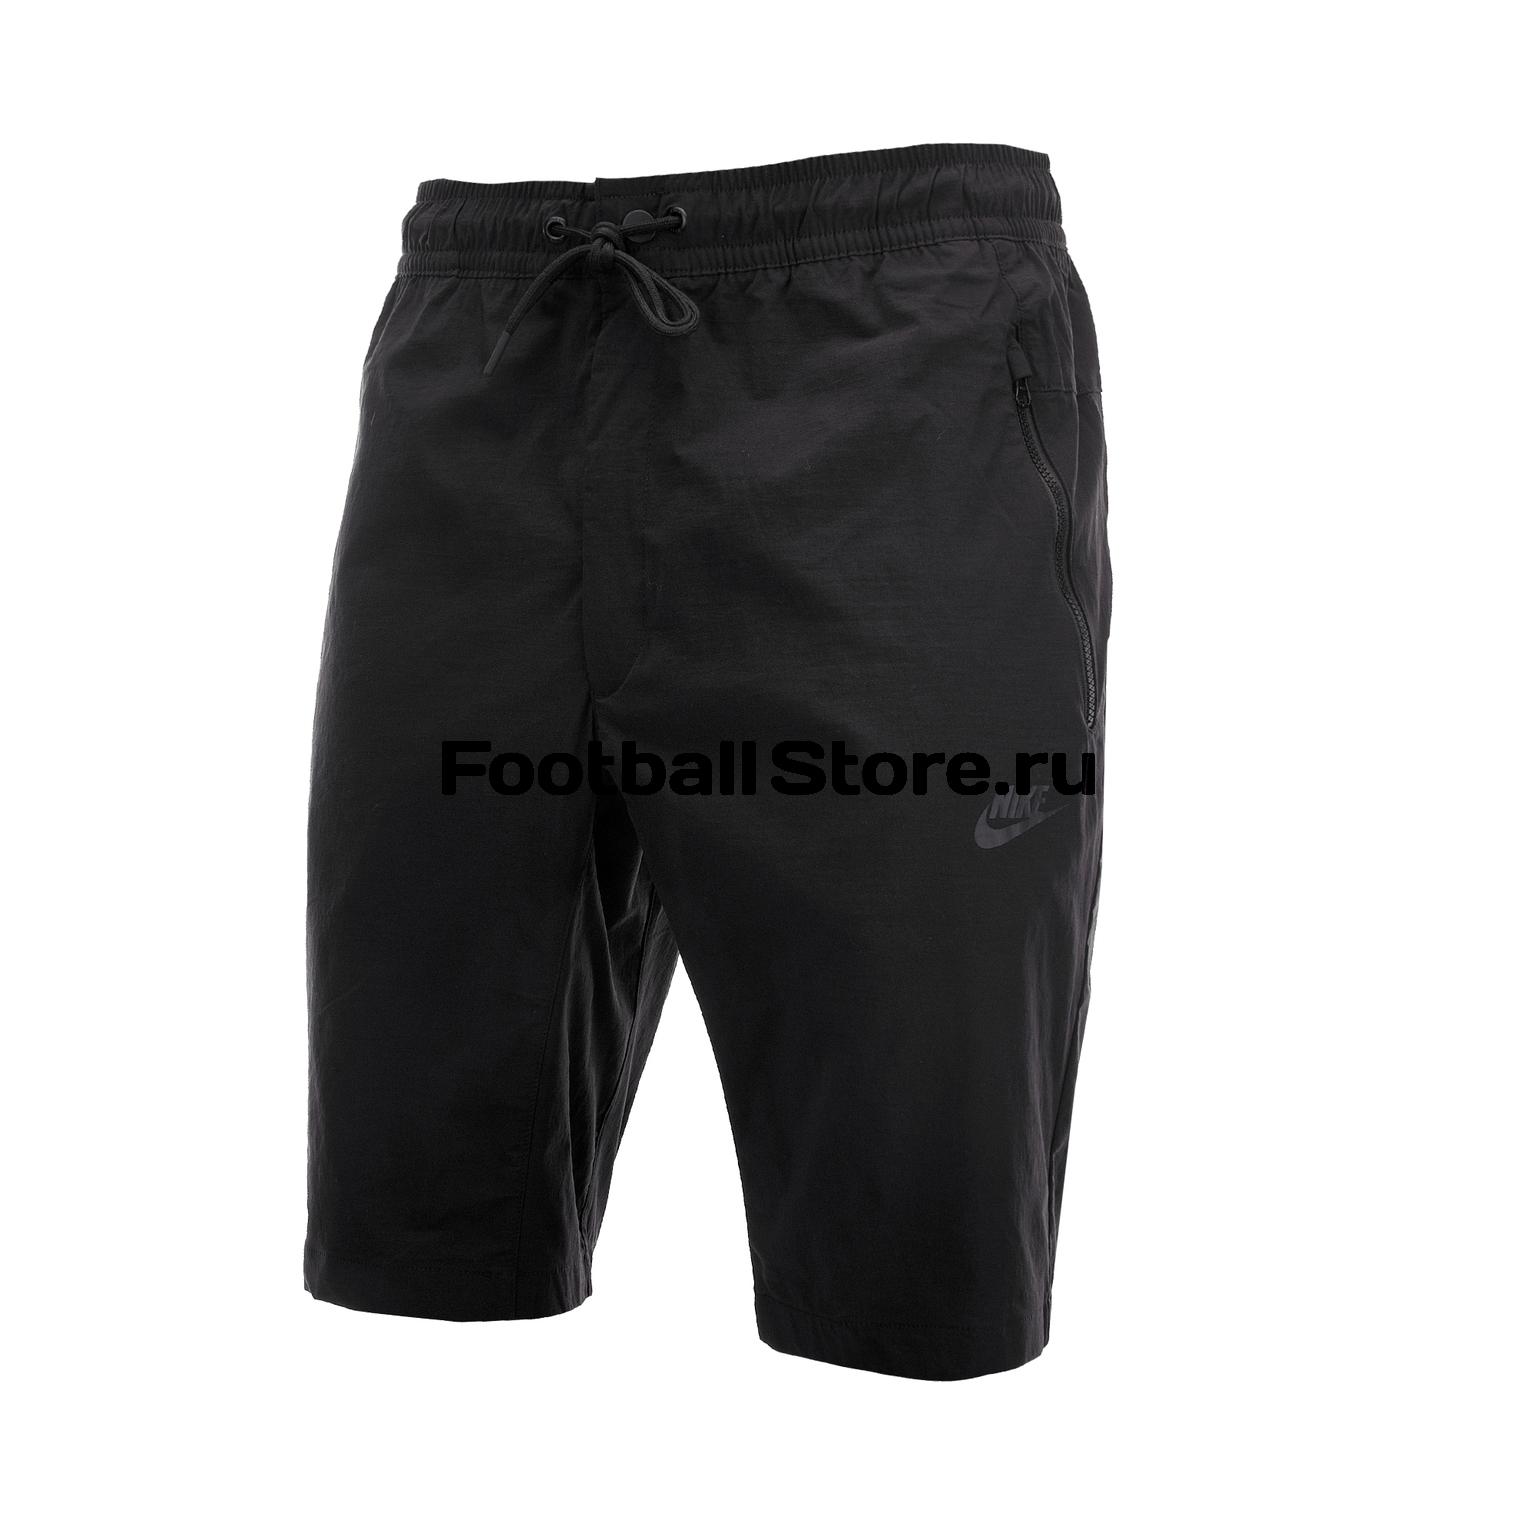 c73b3310 Шорты Nike Woven Short 927920-010 – купить в интернет магазине ...